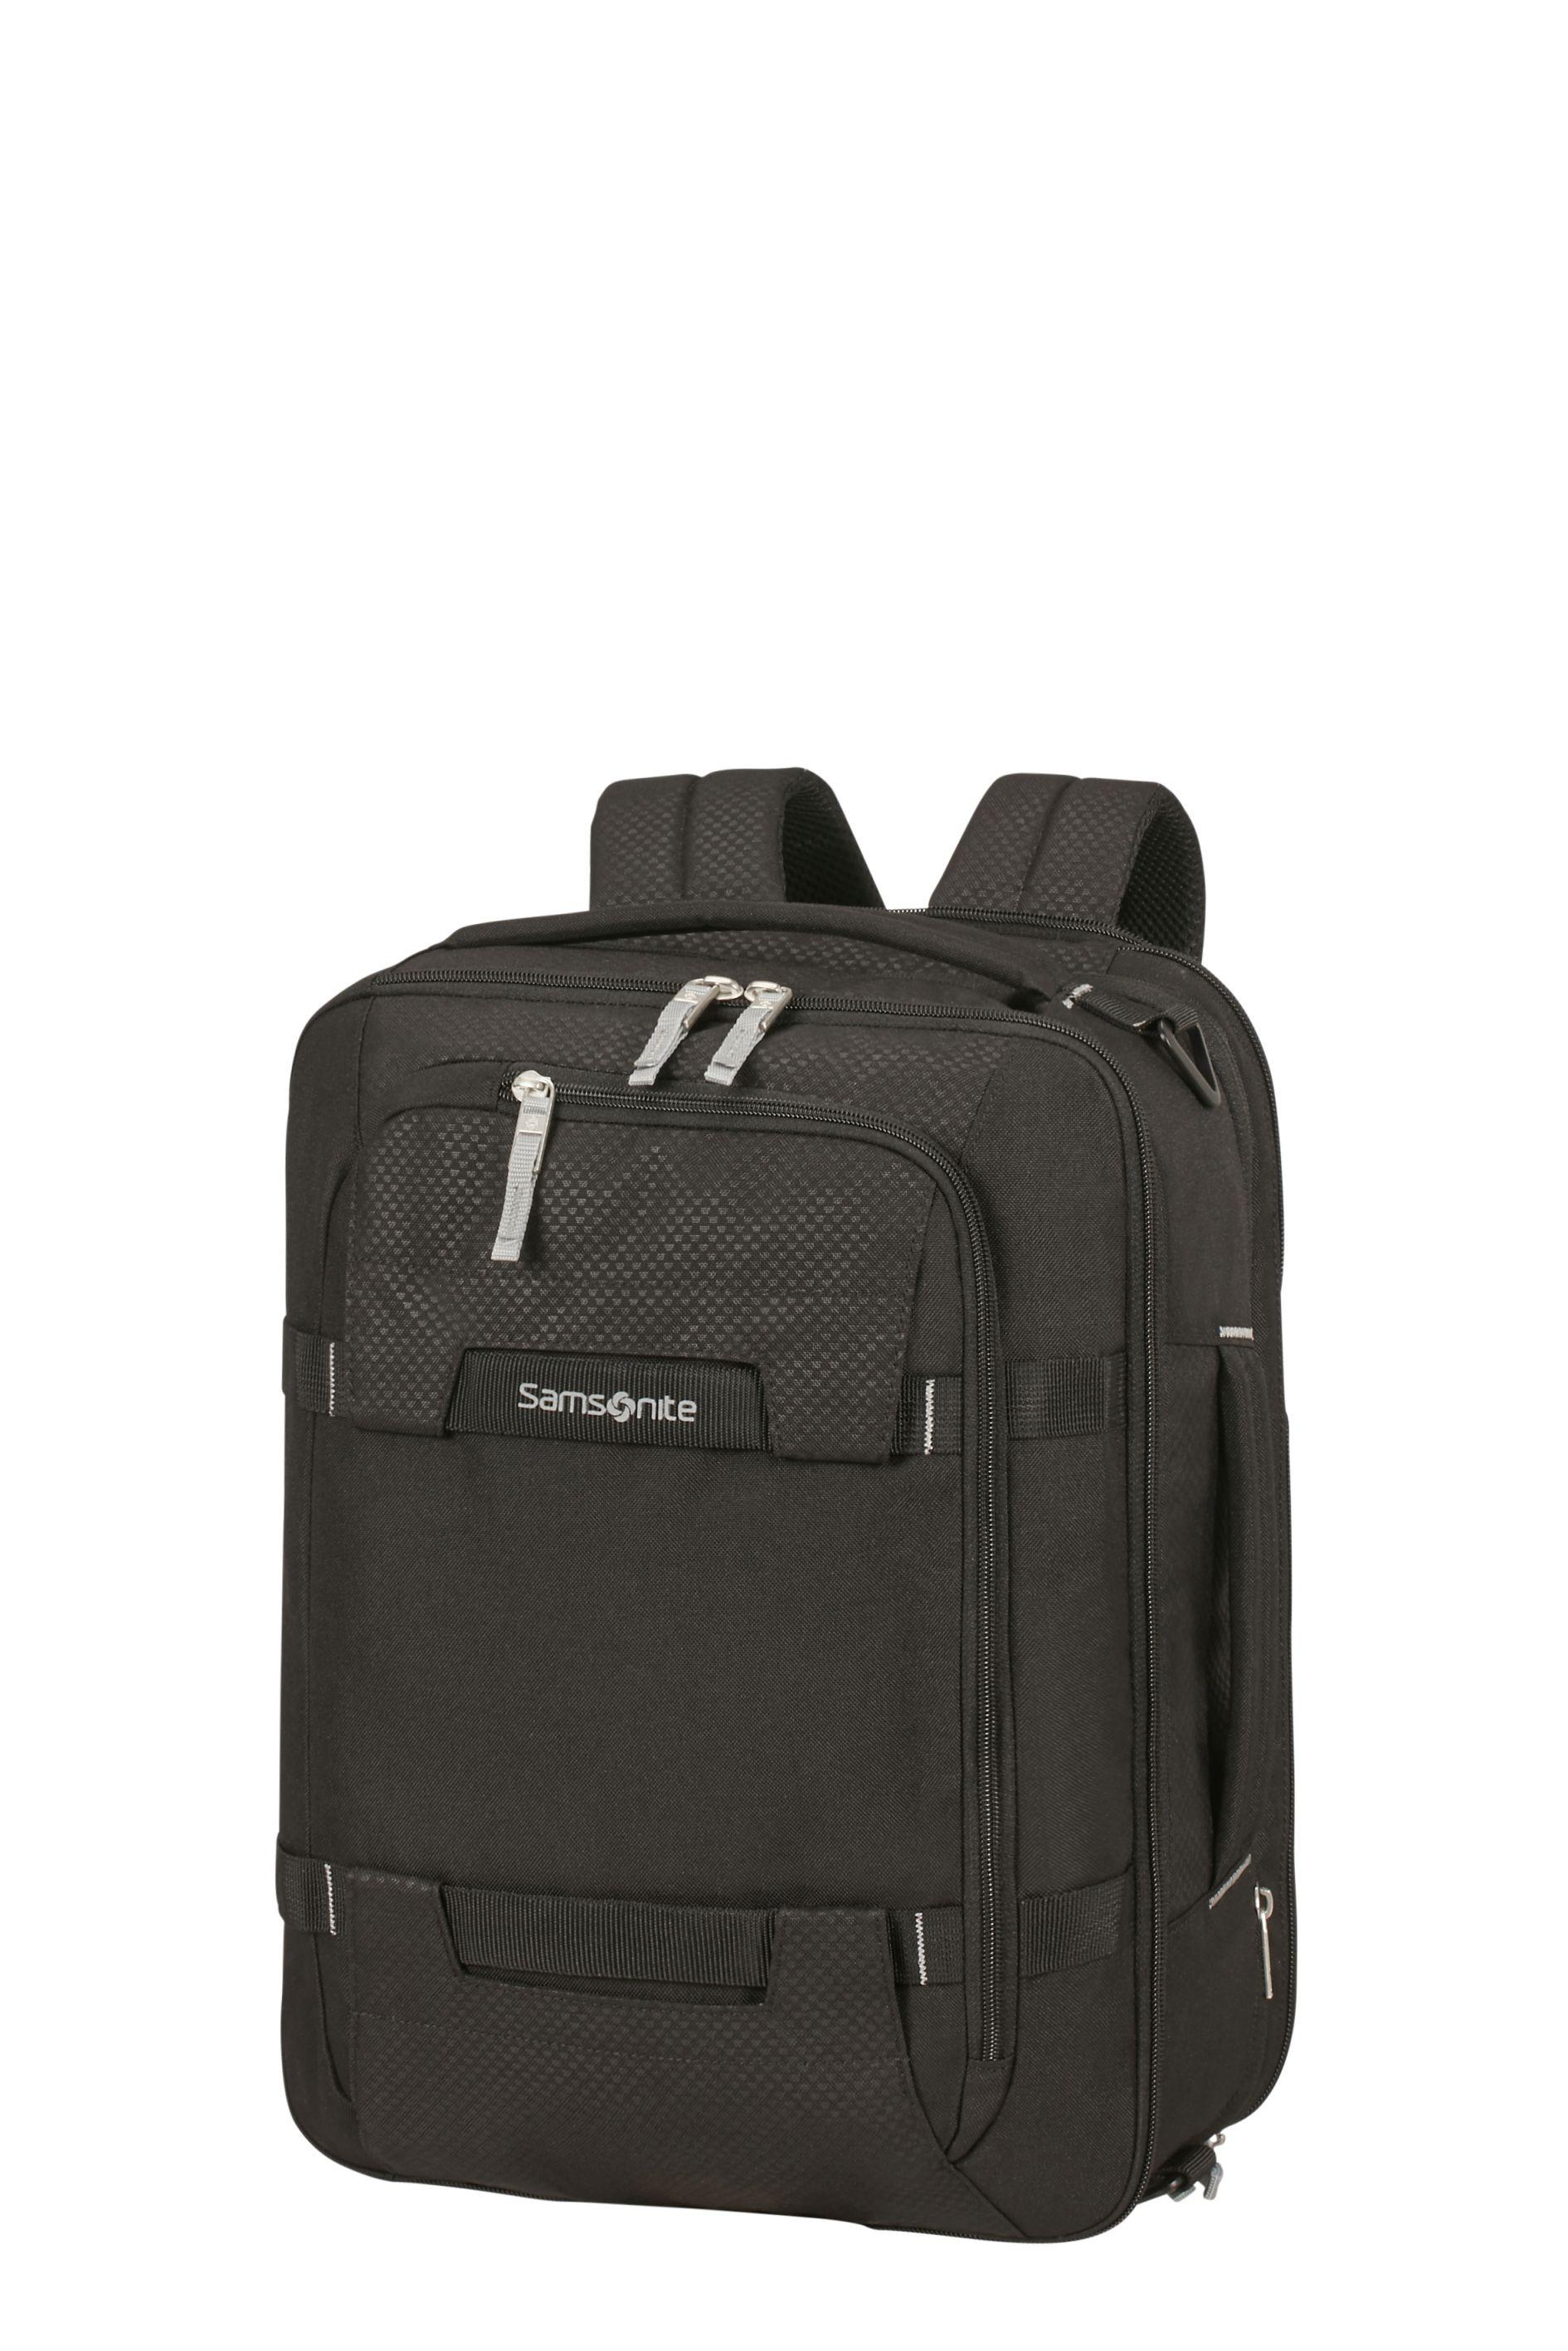 Samsonite Sonora 3-Way Shoulder Bag EXP, View 3